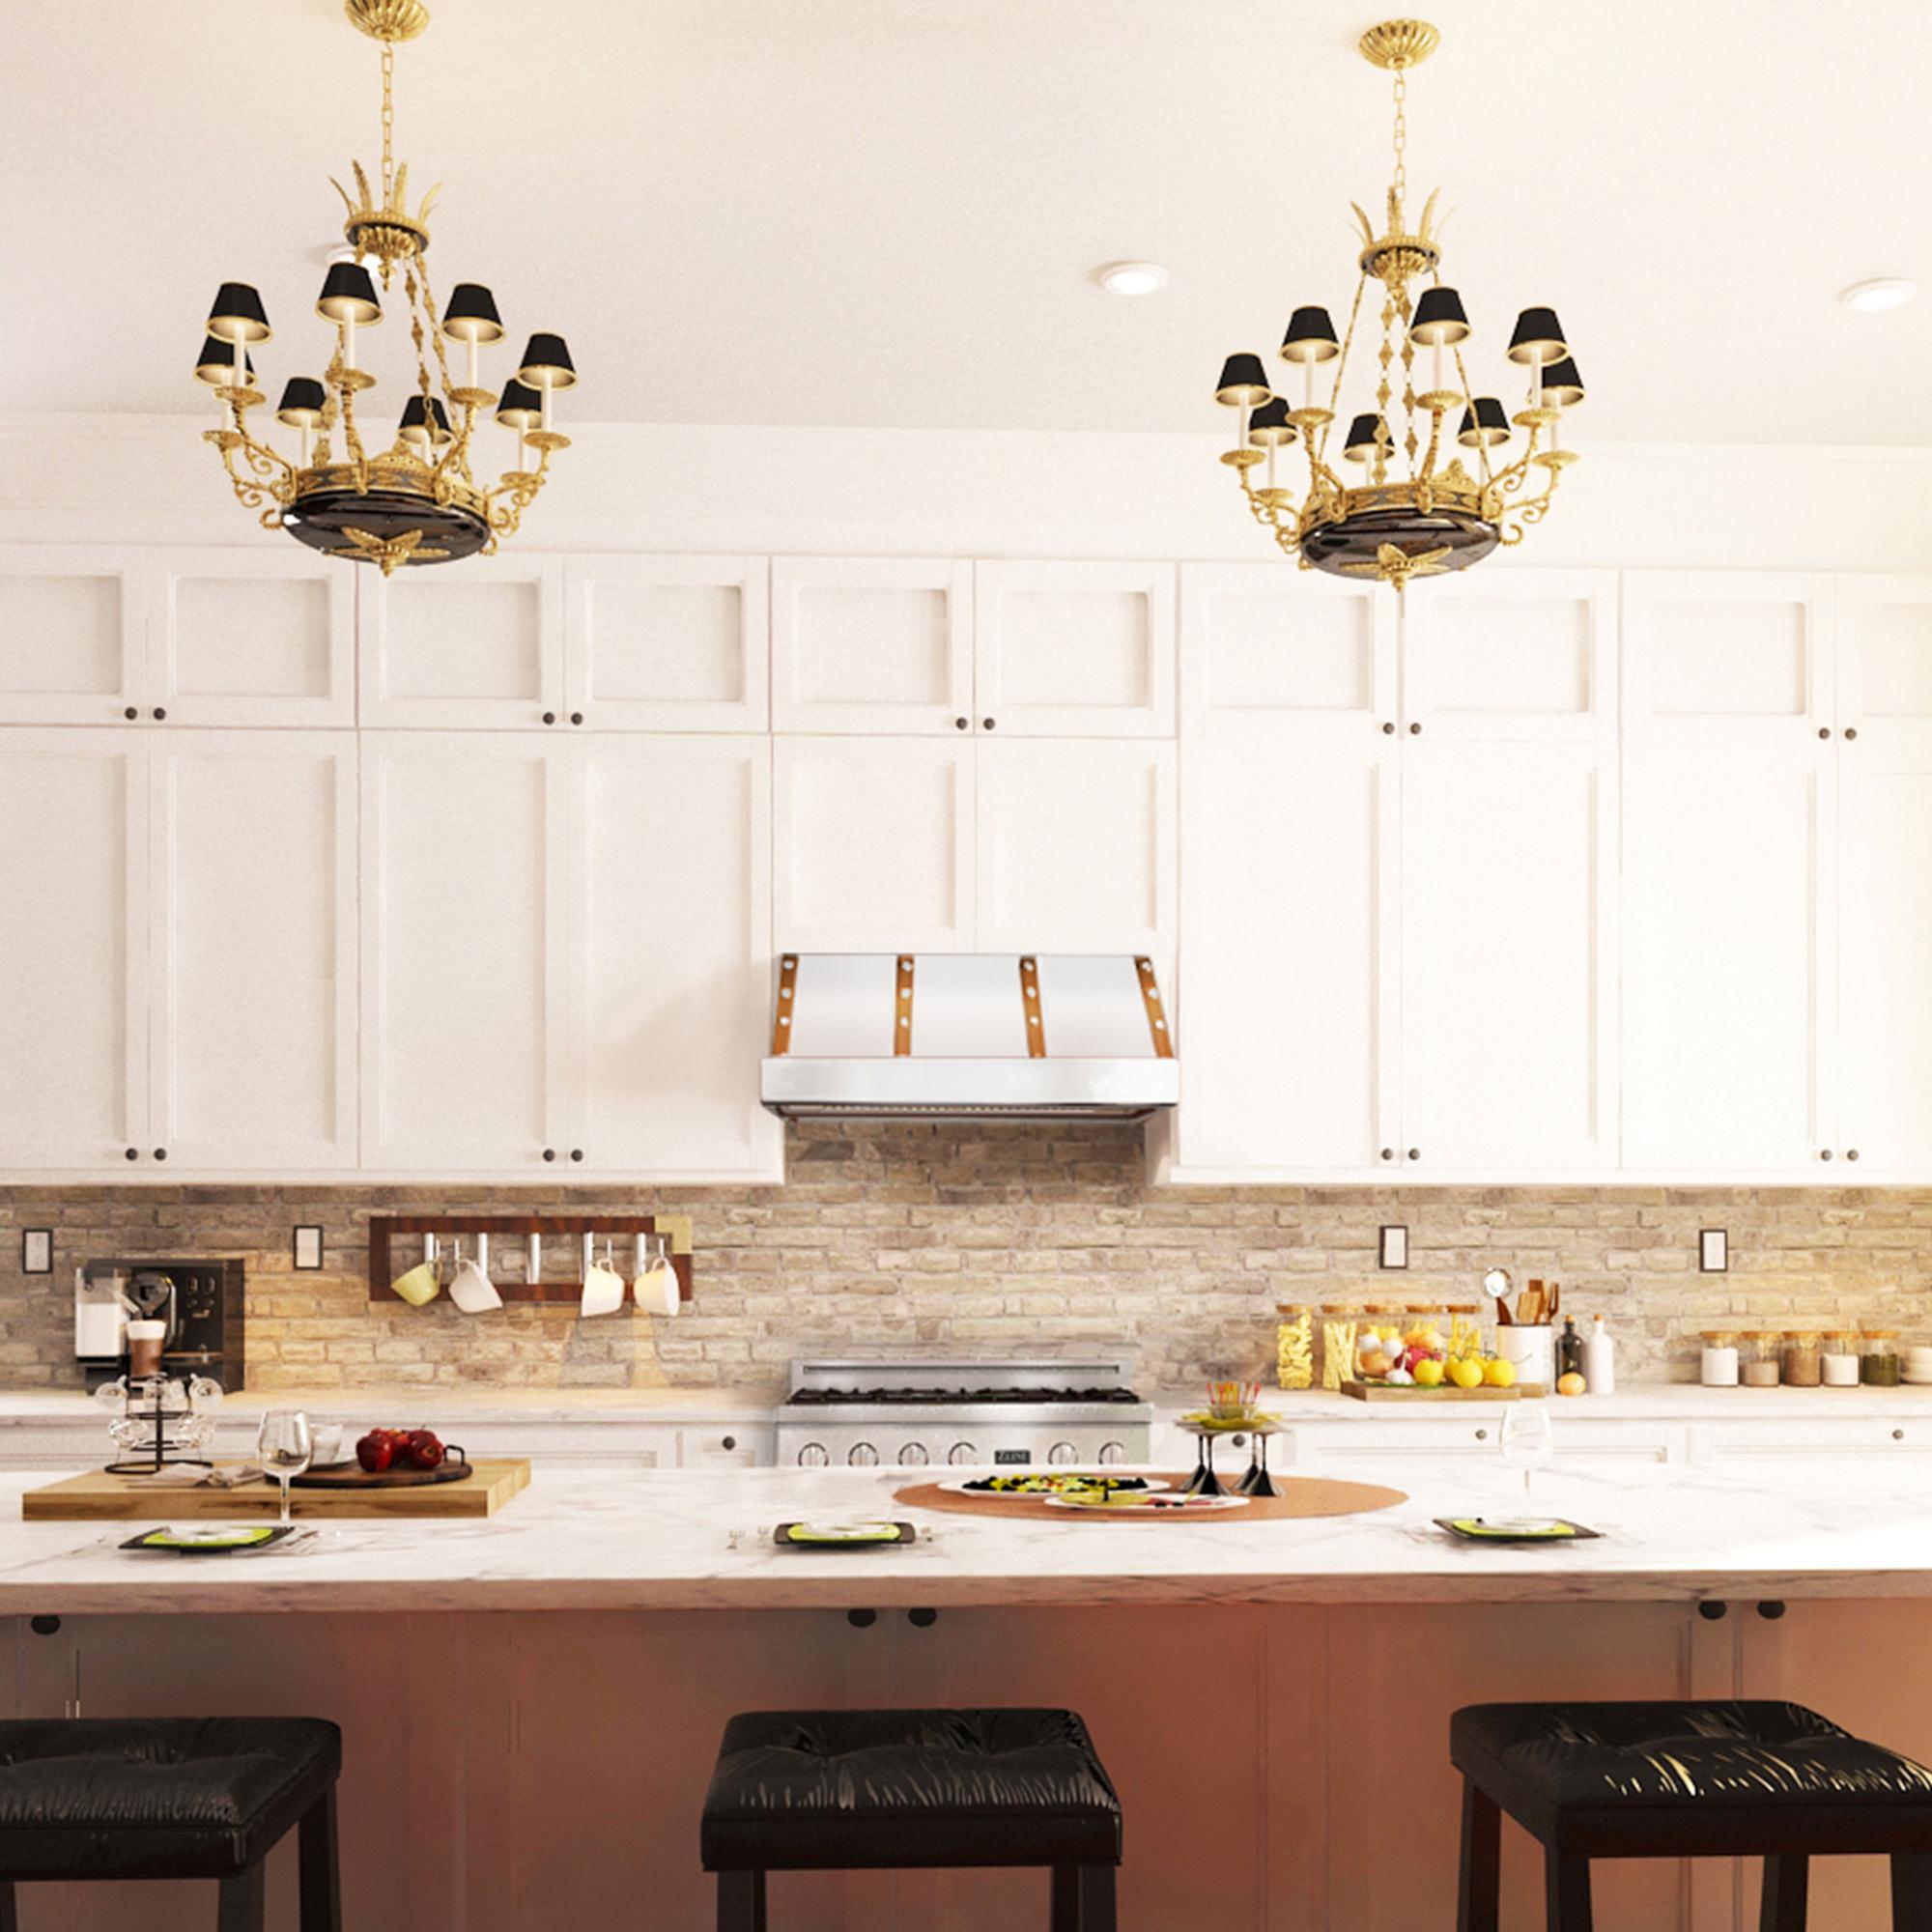 zline-designer-under-cabinet-range-hood-435-SXCCS-kitchen-1.jpg